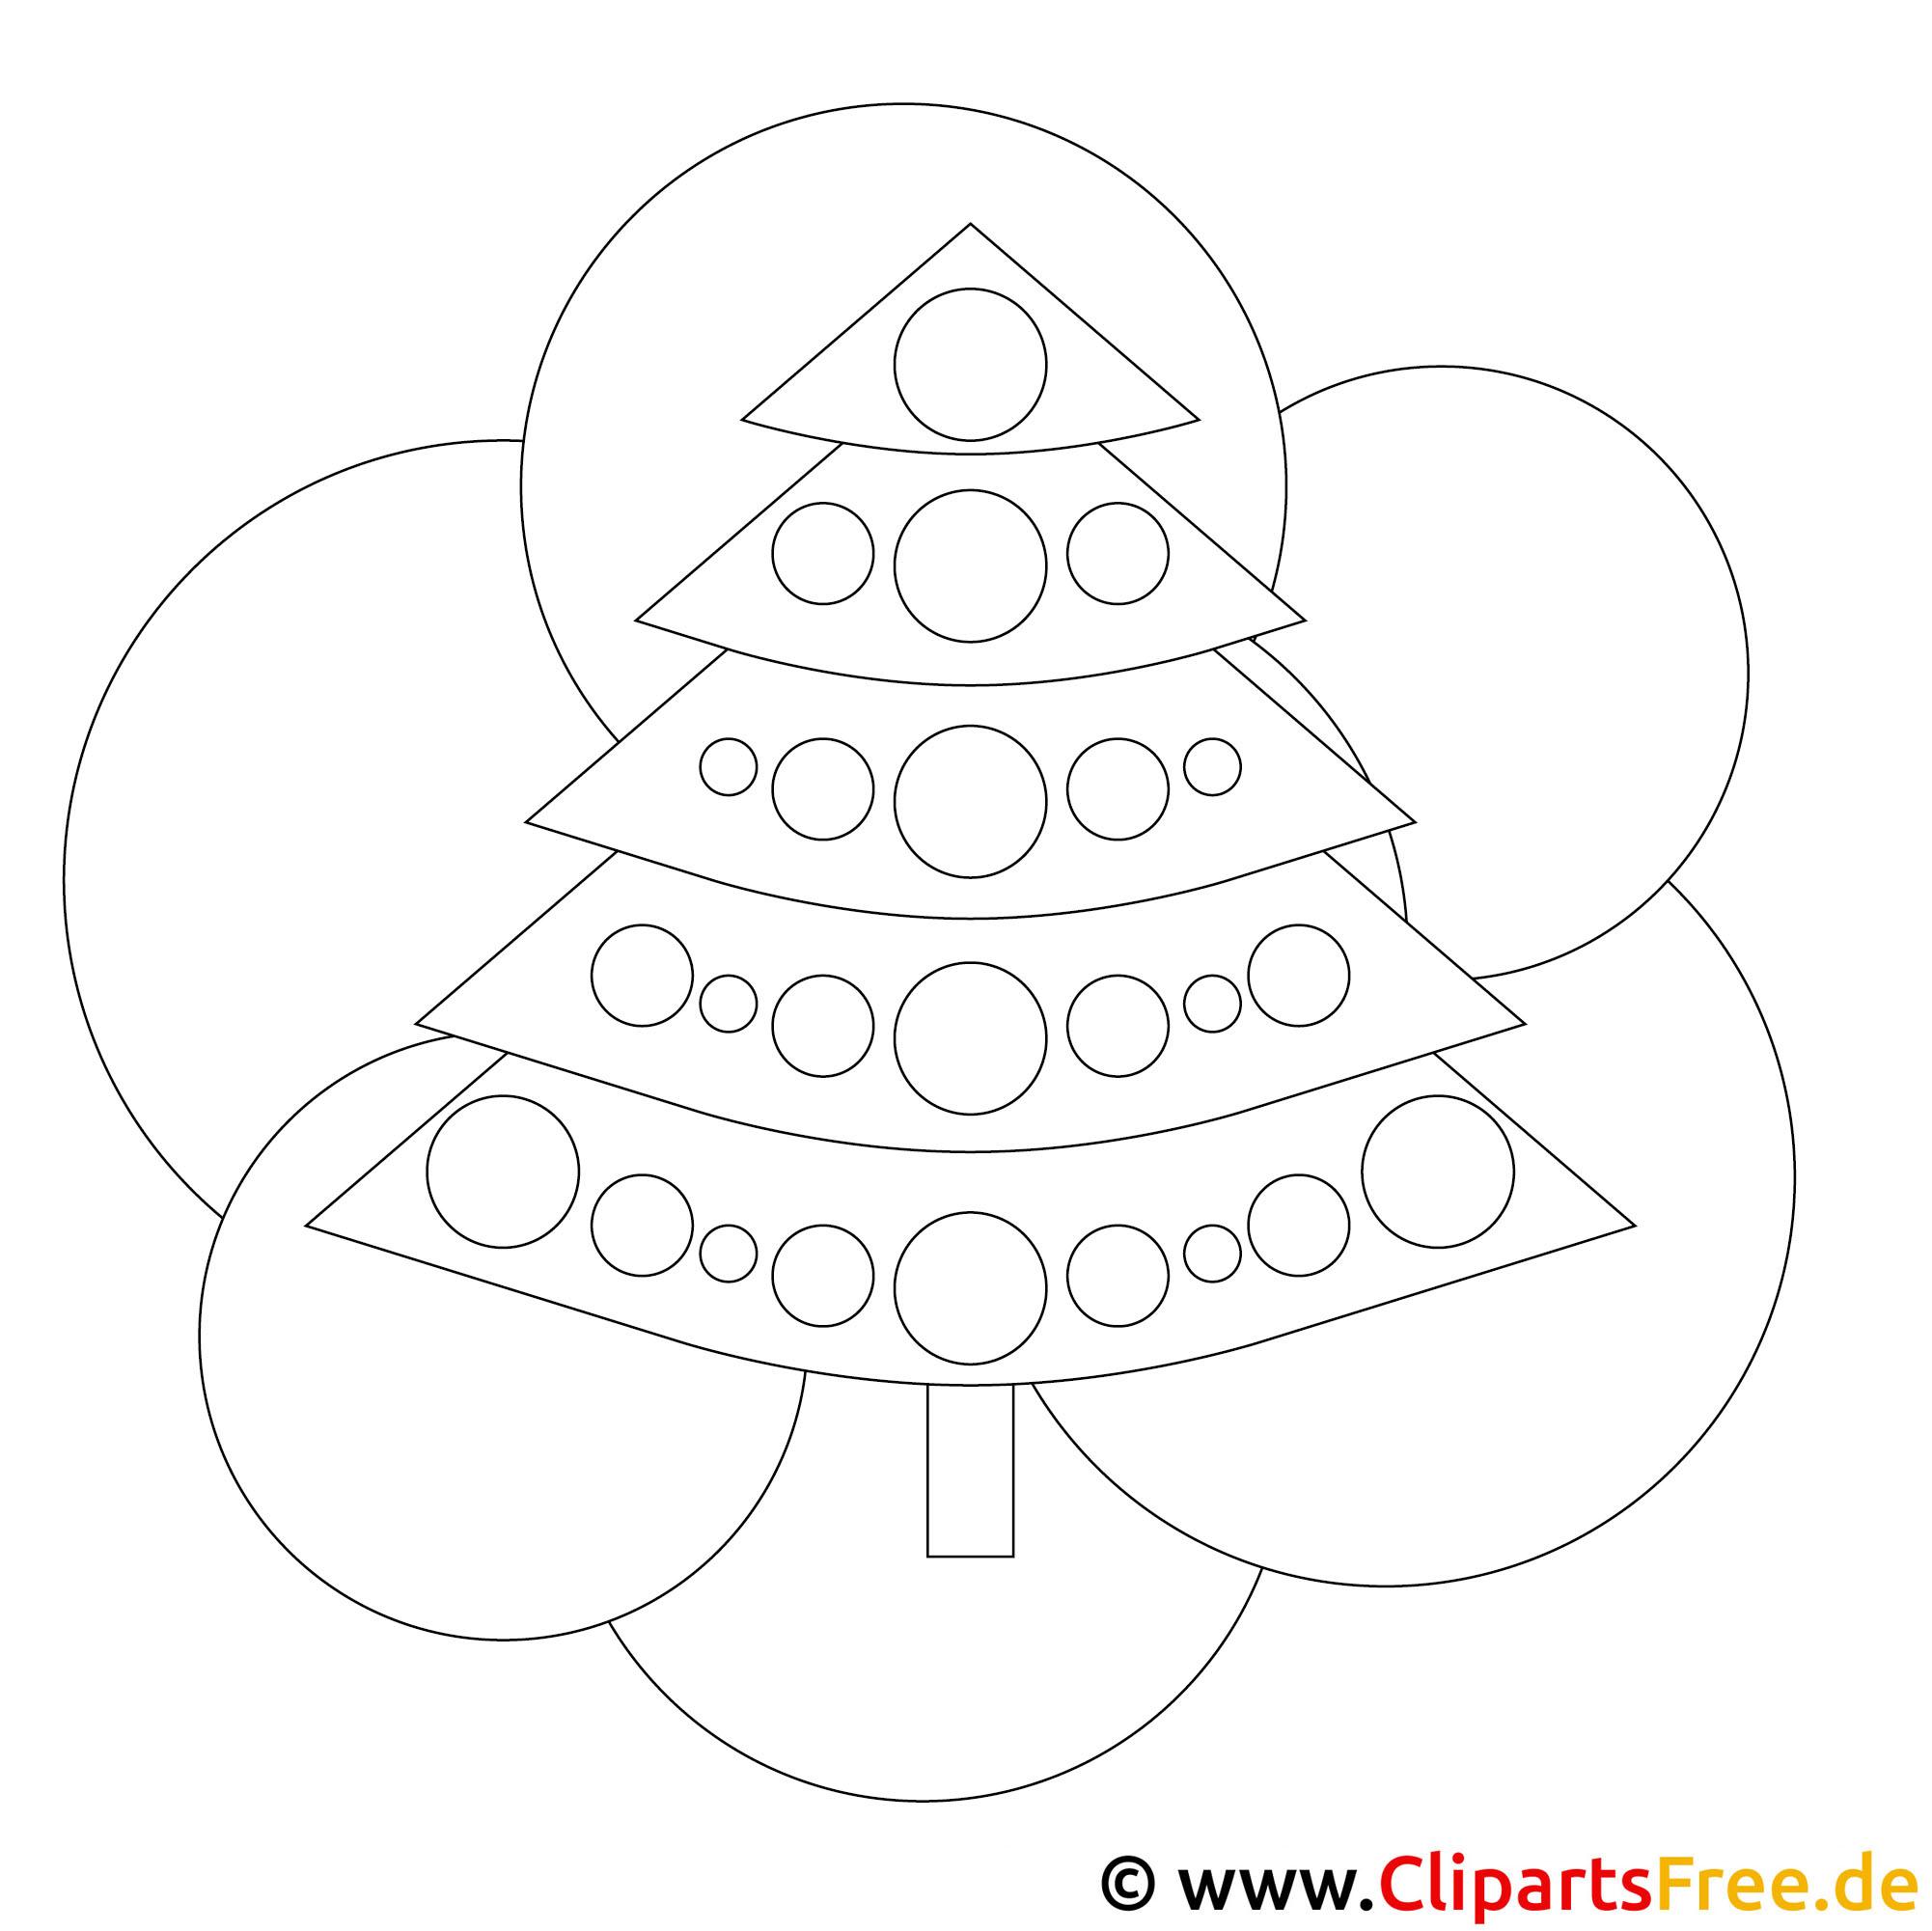 kostenloses ausmalbild zu weihnachten tannenbaum. Black Bedroom Furniture Sets. Home Design Ideas